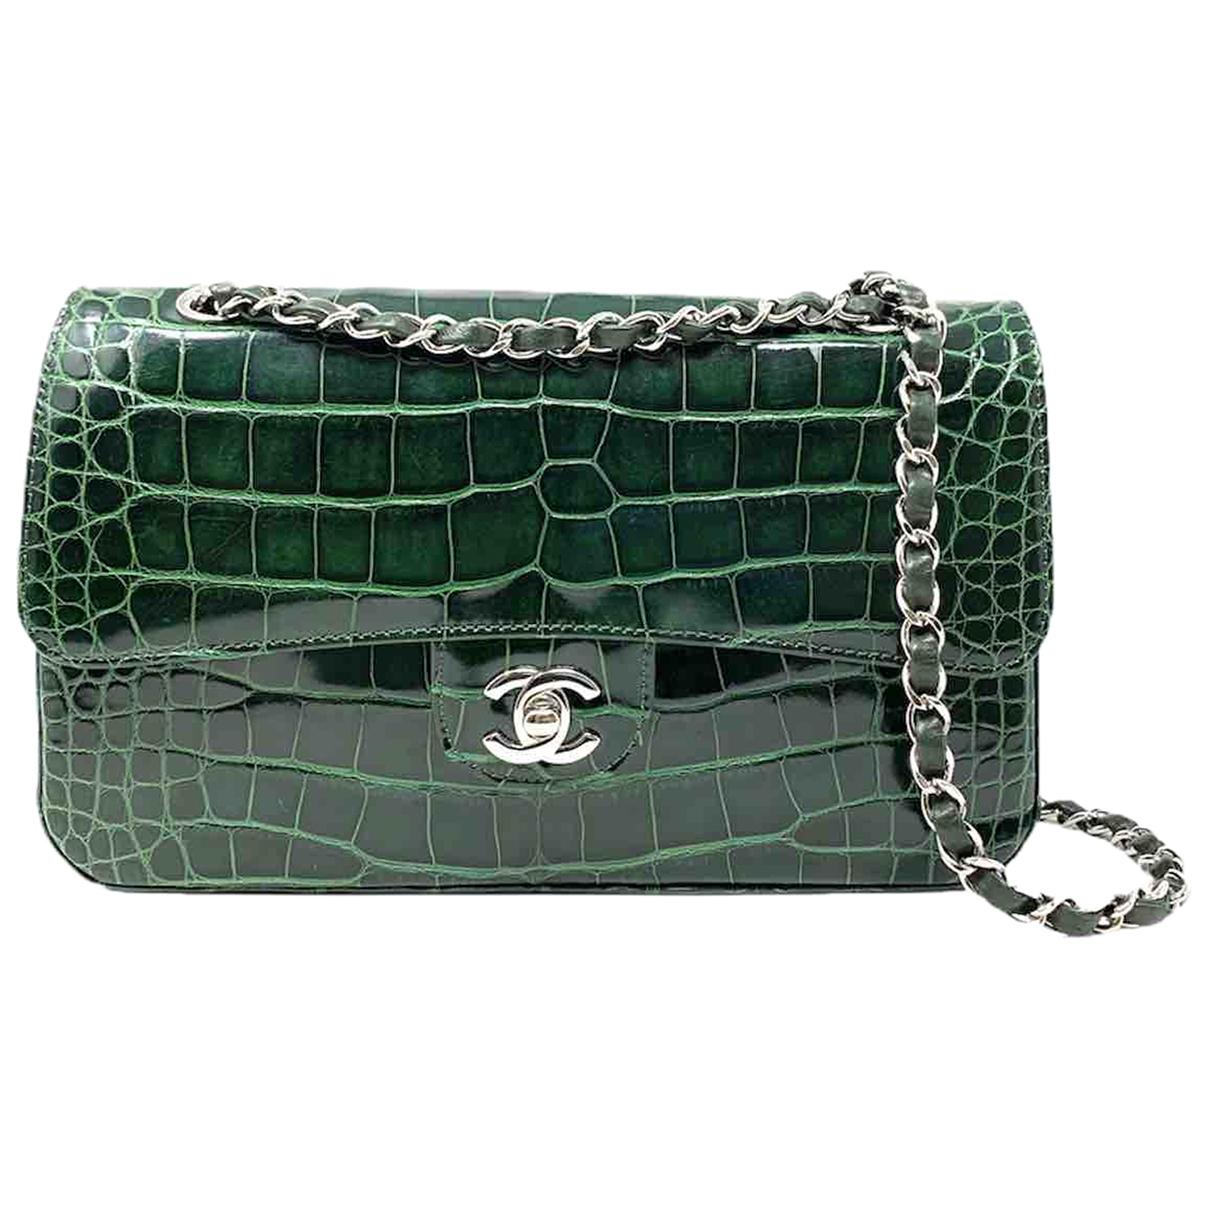 Chanel - Sac a main Timeless/Classique pour femme en crocodile - vert